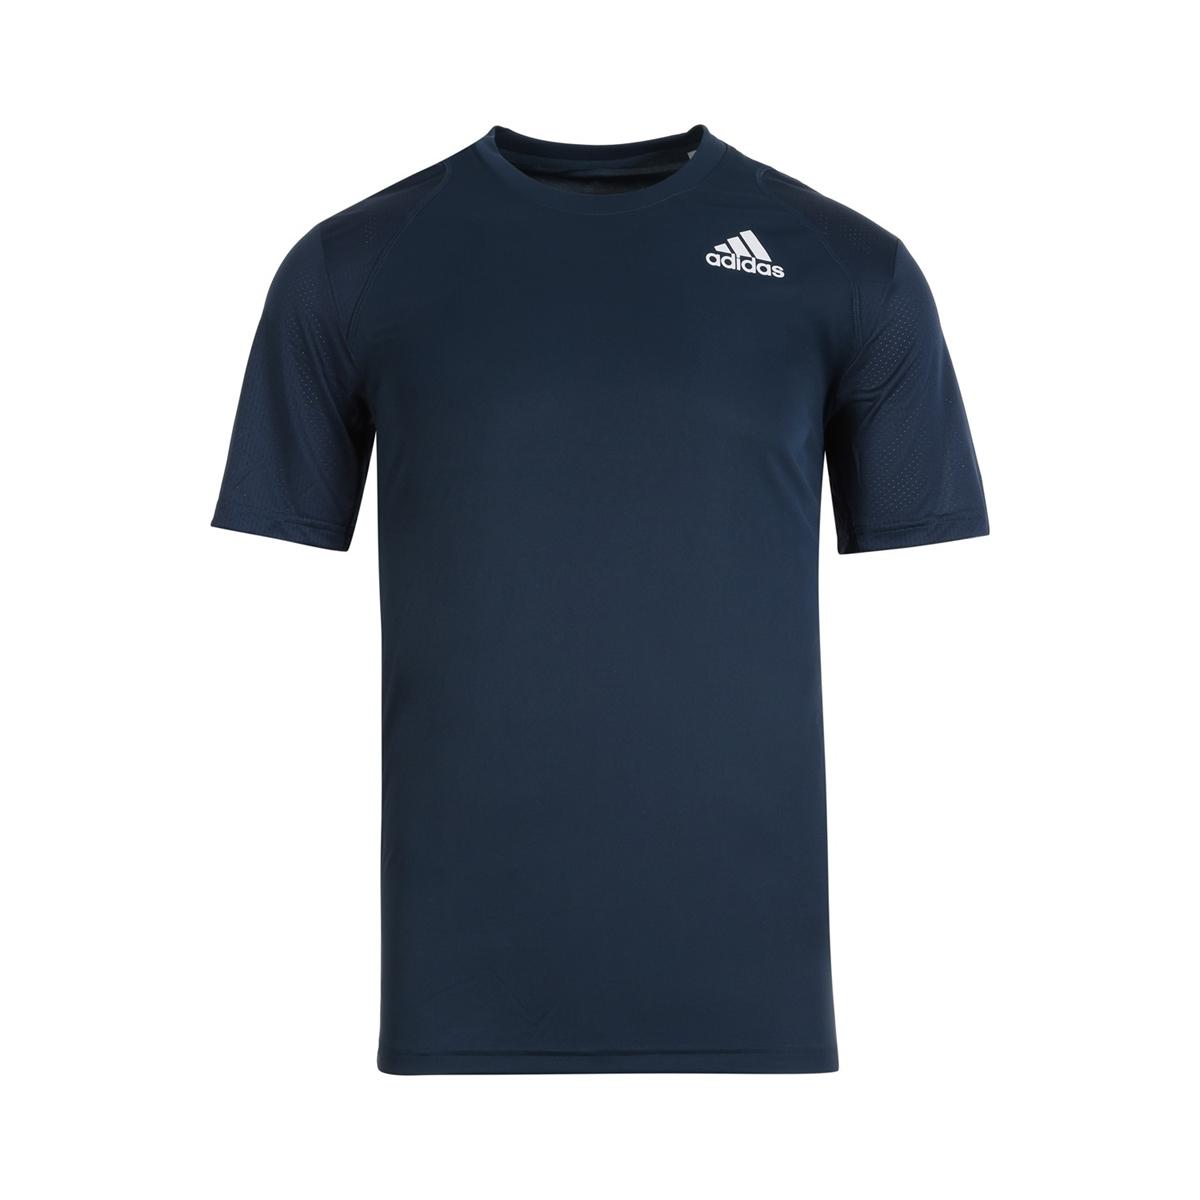 Adidas Club Tee Navy XL